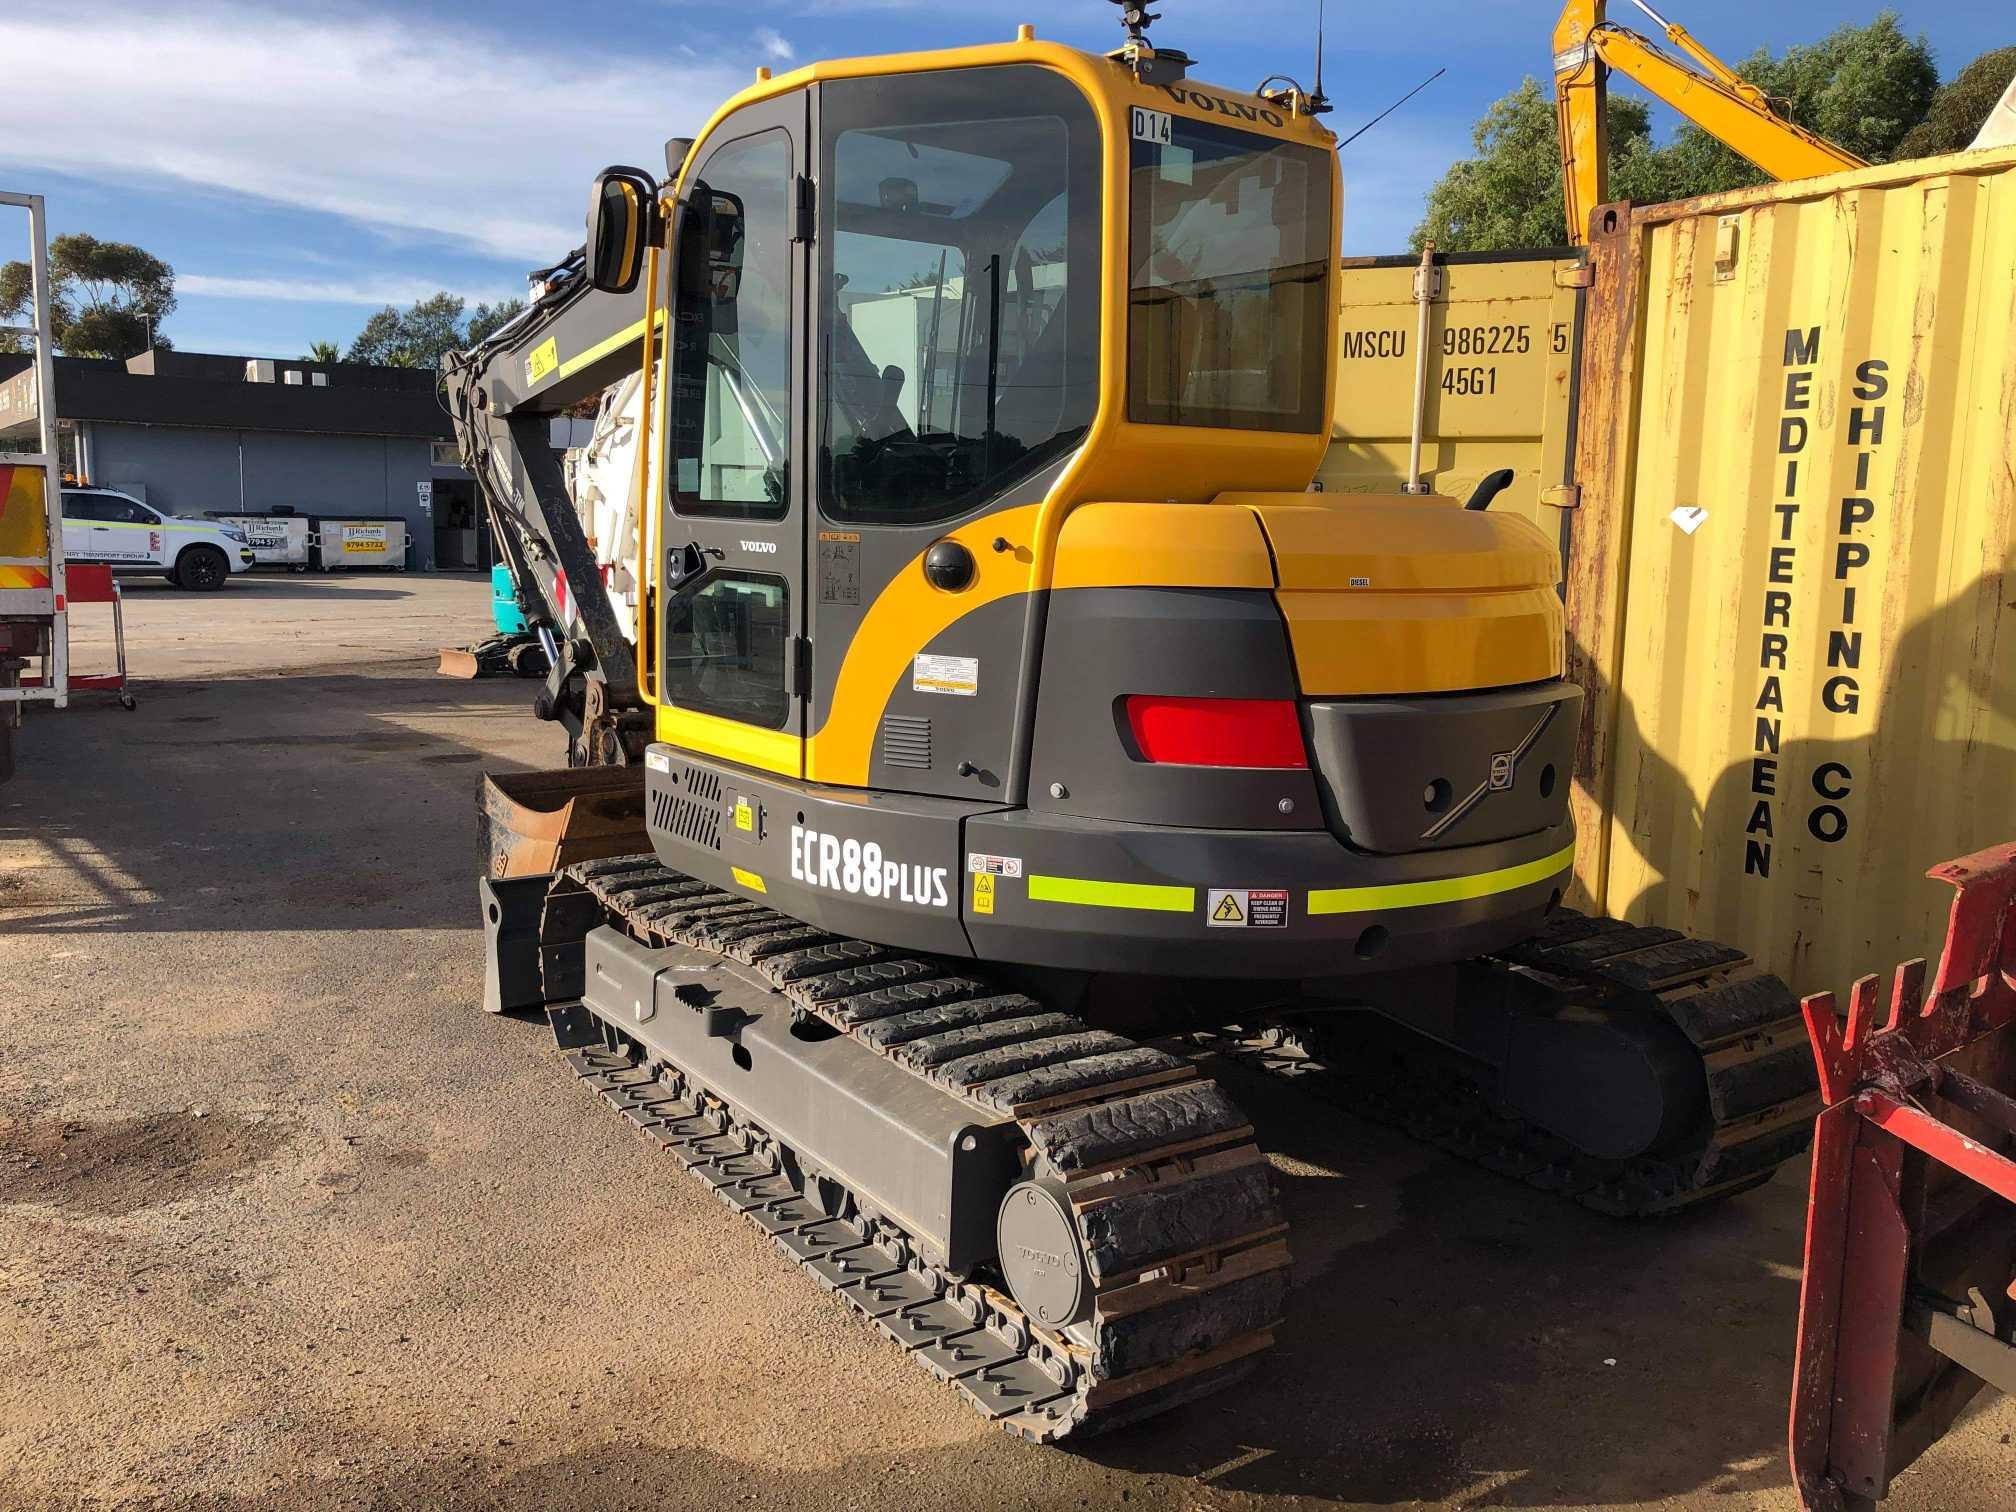 Hire 8 Ton Excavator with Operator